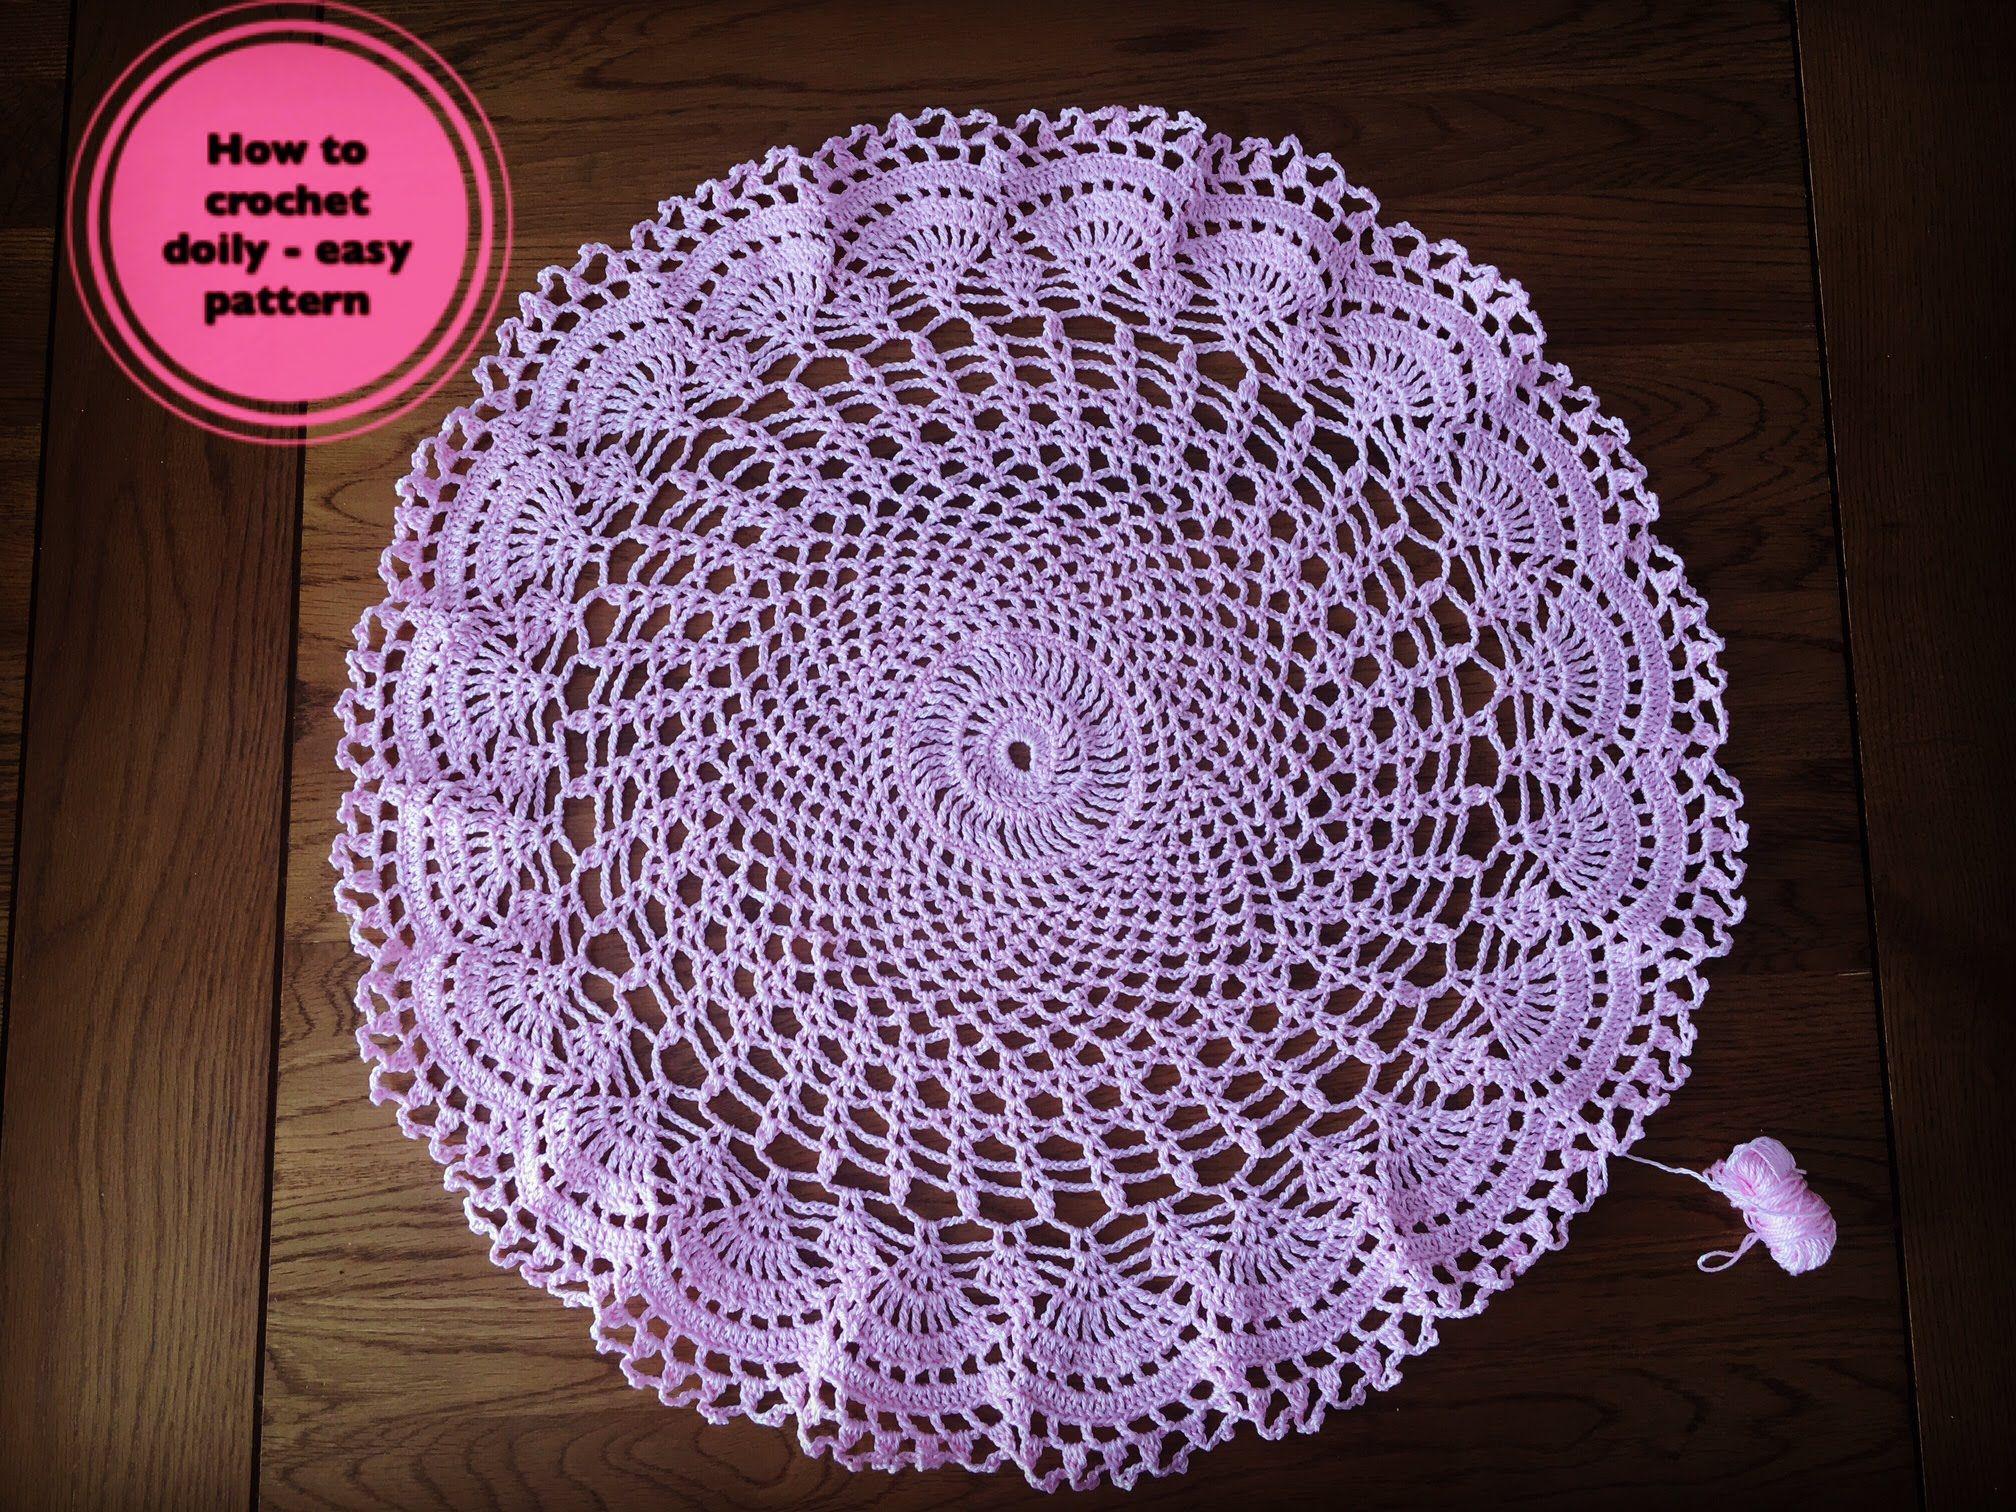 How to crochet doily - easy pattern | crochet doily, mandala ideas ...